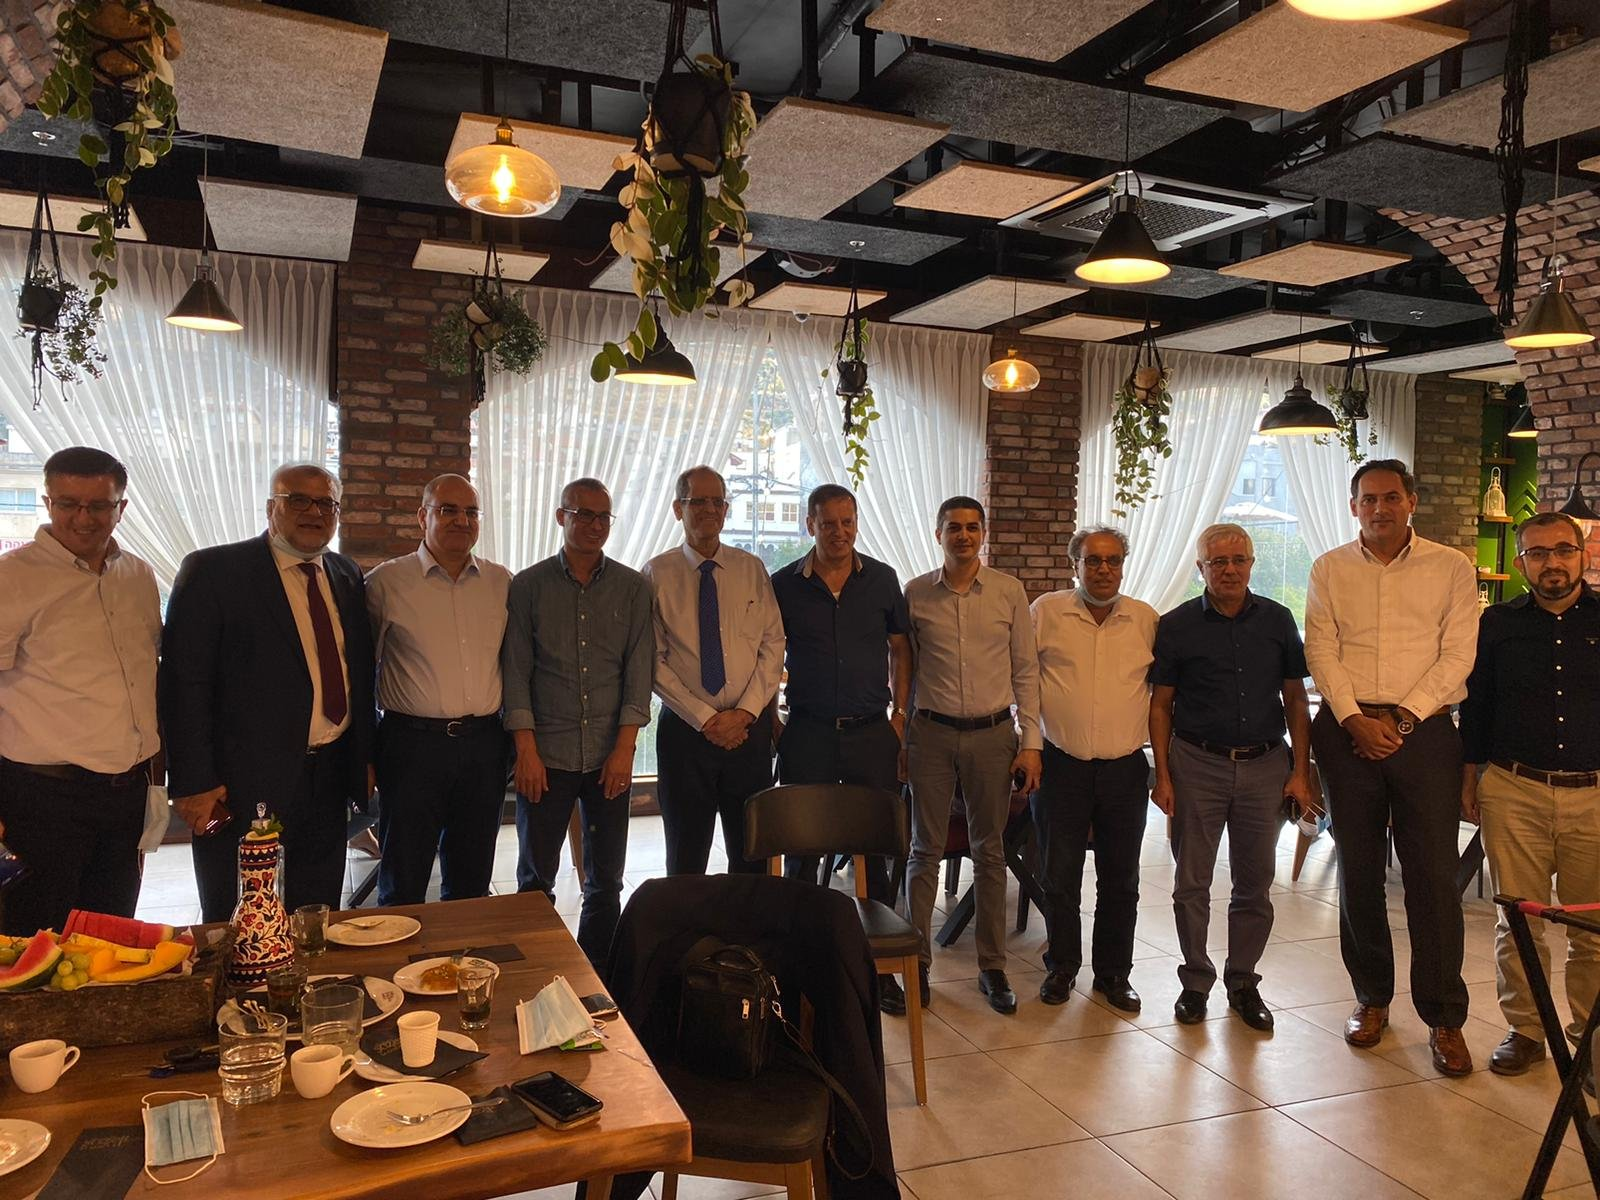 تنظيم ورشة عمل مهنية في سخنين بمبادرة من المنتدى الاقتصادي العربي ومدير عام بنك إسرائيل وأعضاء مجلس إدارة البنك.